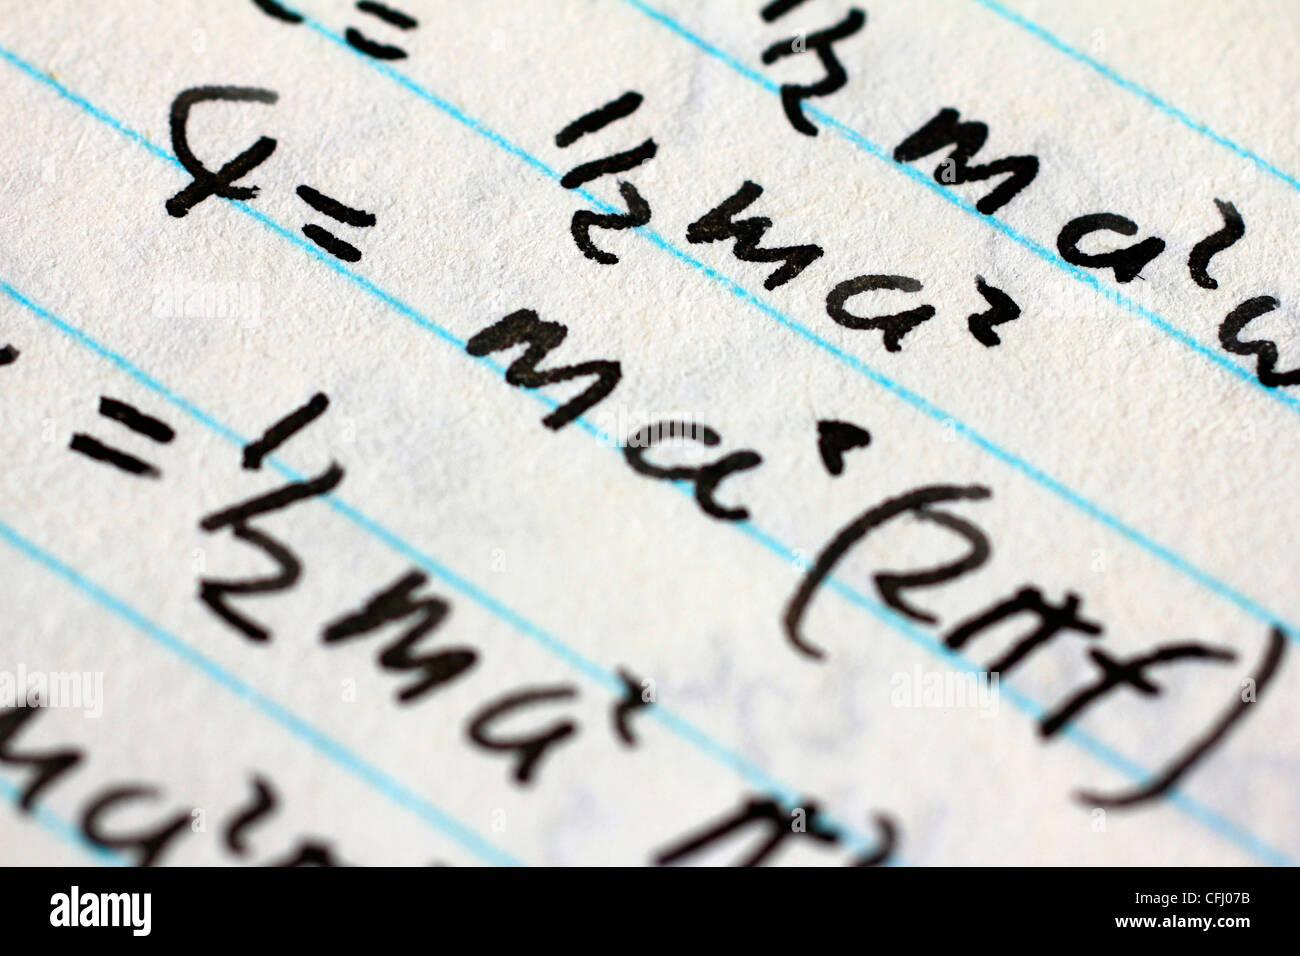 Las ecuaciones matemáticas en un trozo de papel blanco Foto de stock